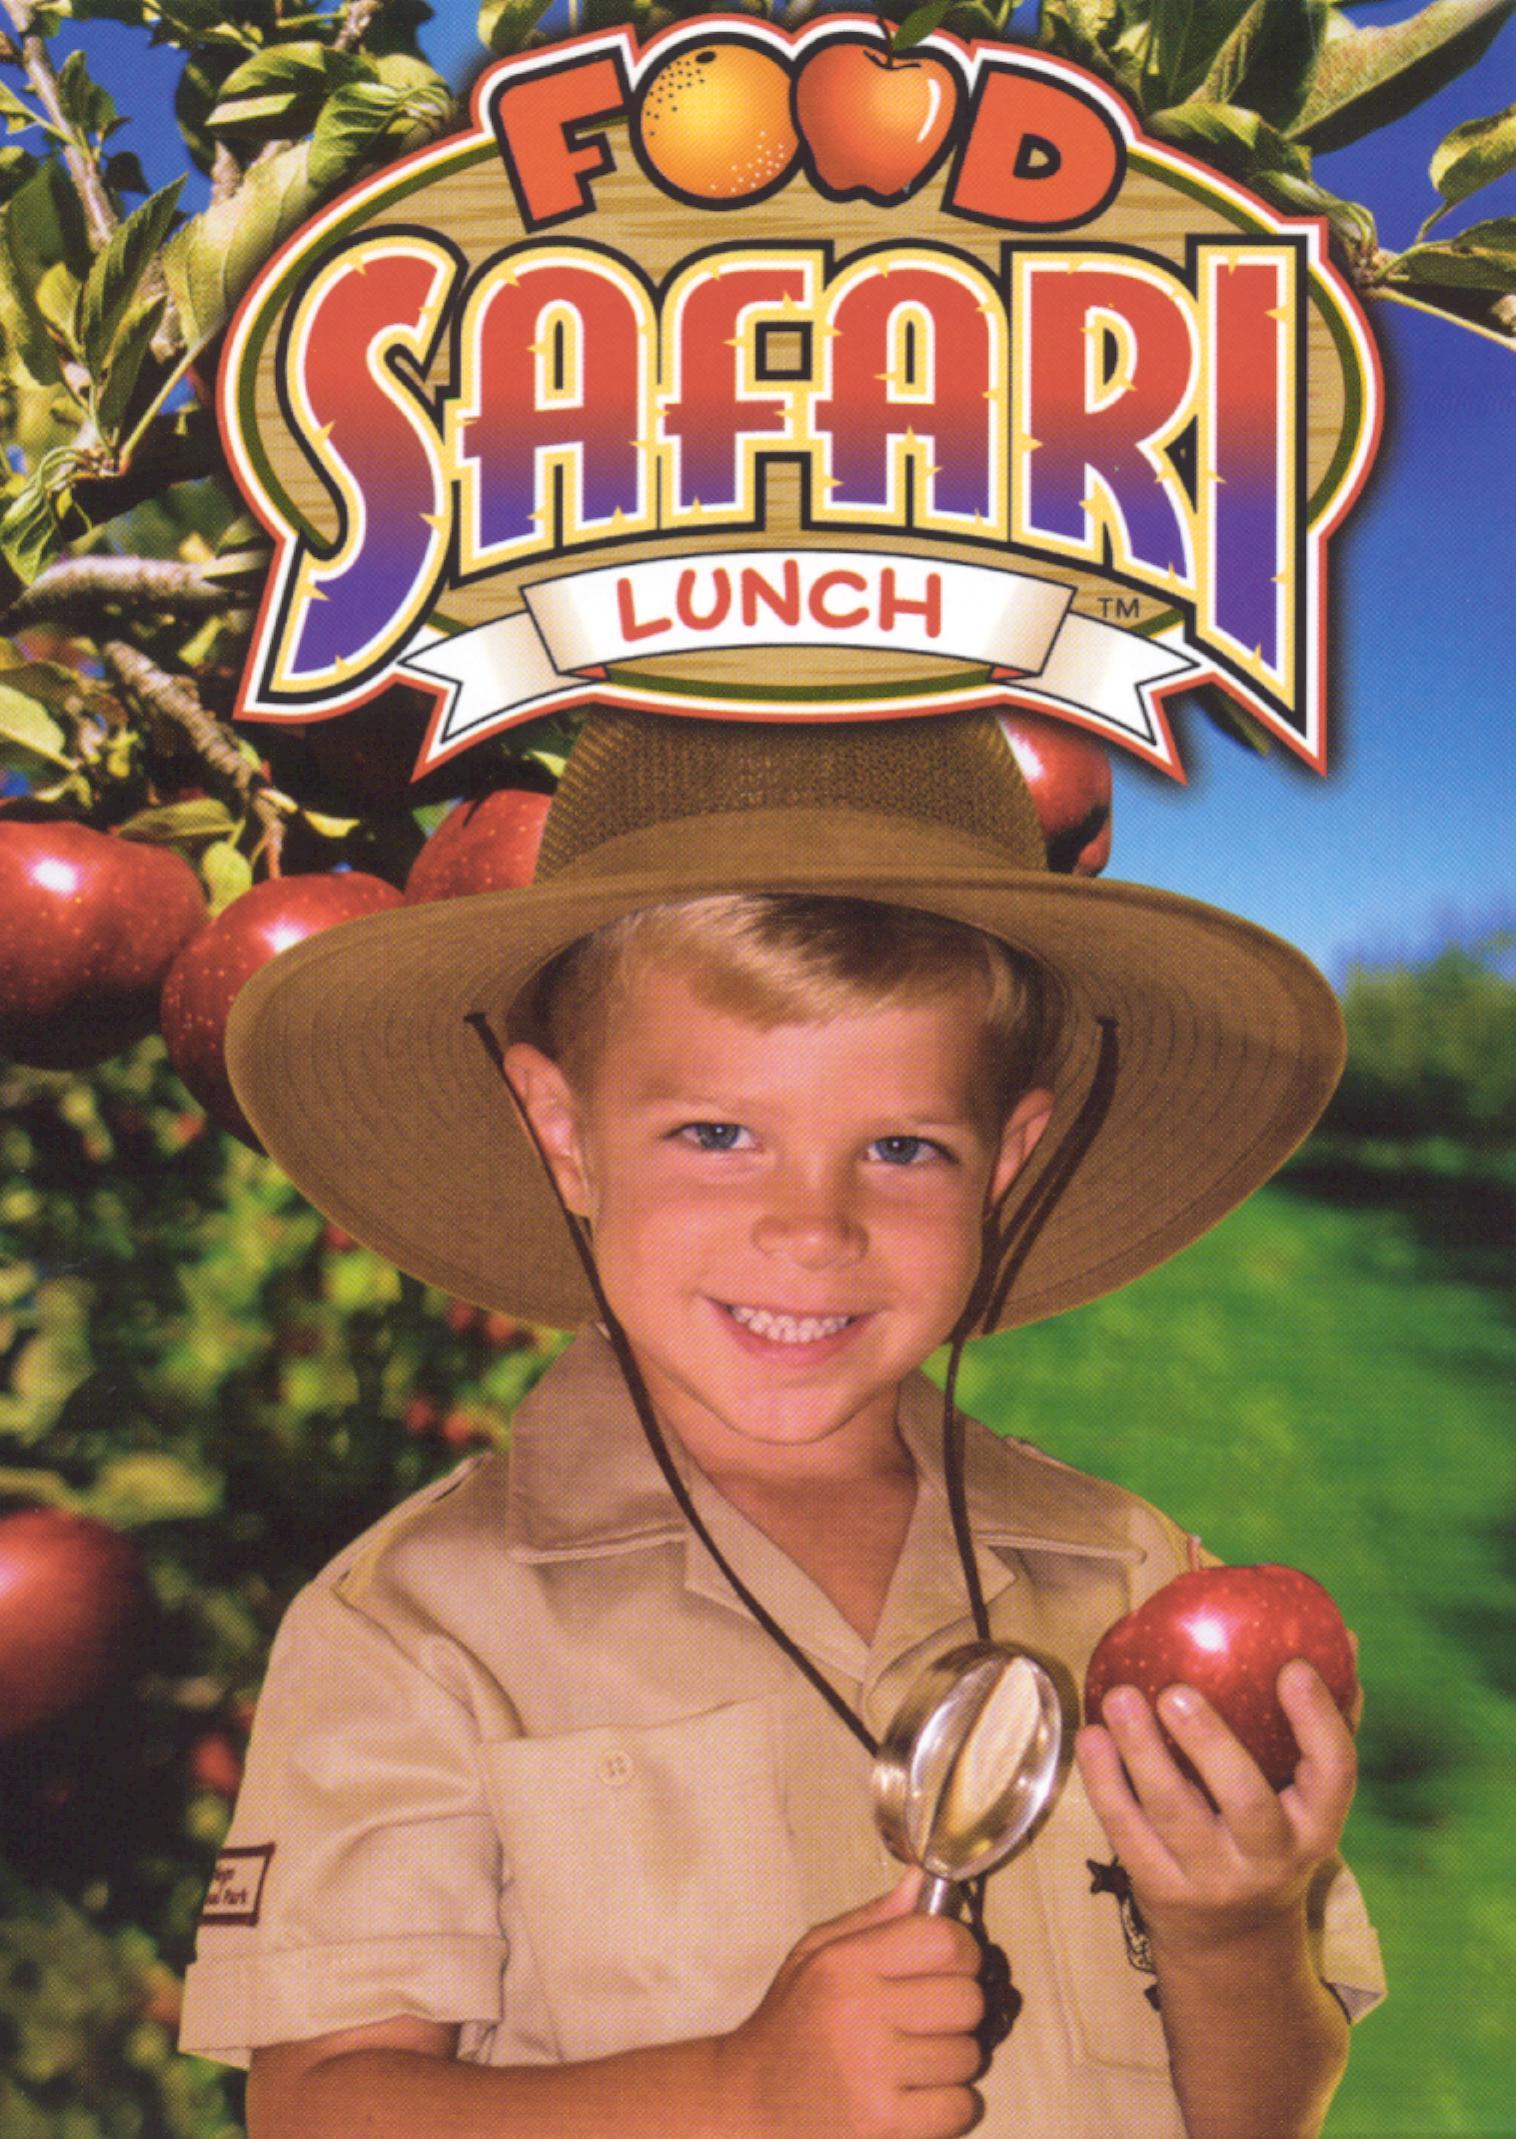 Food Safari: Lunch